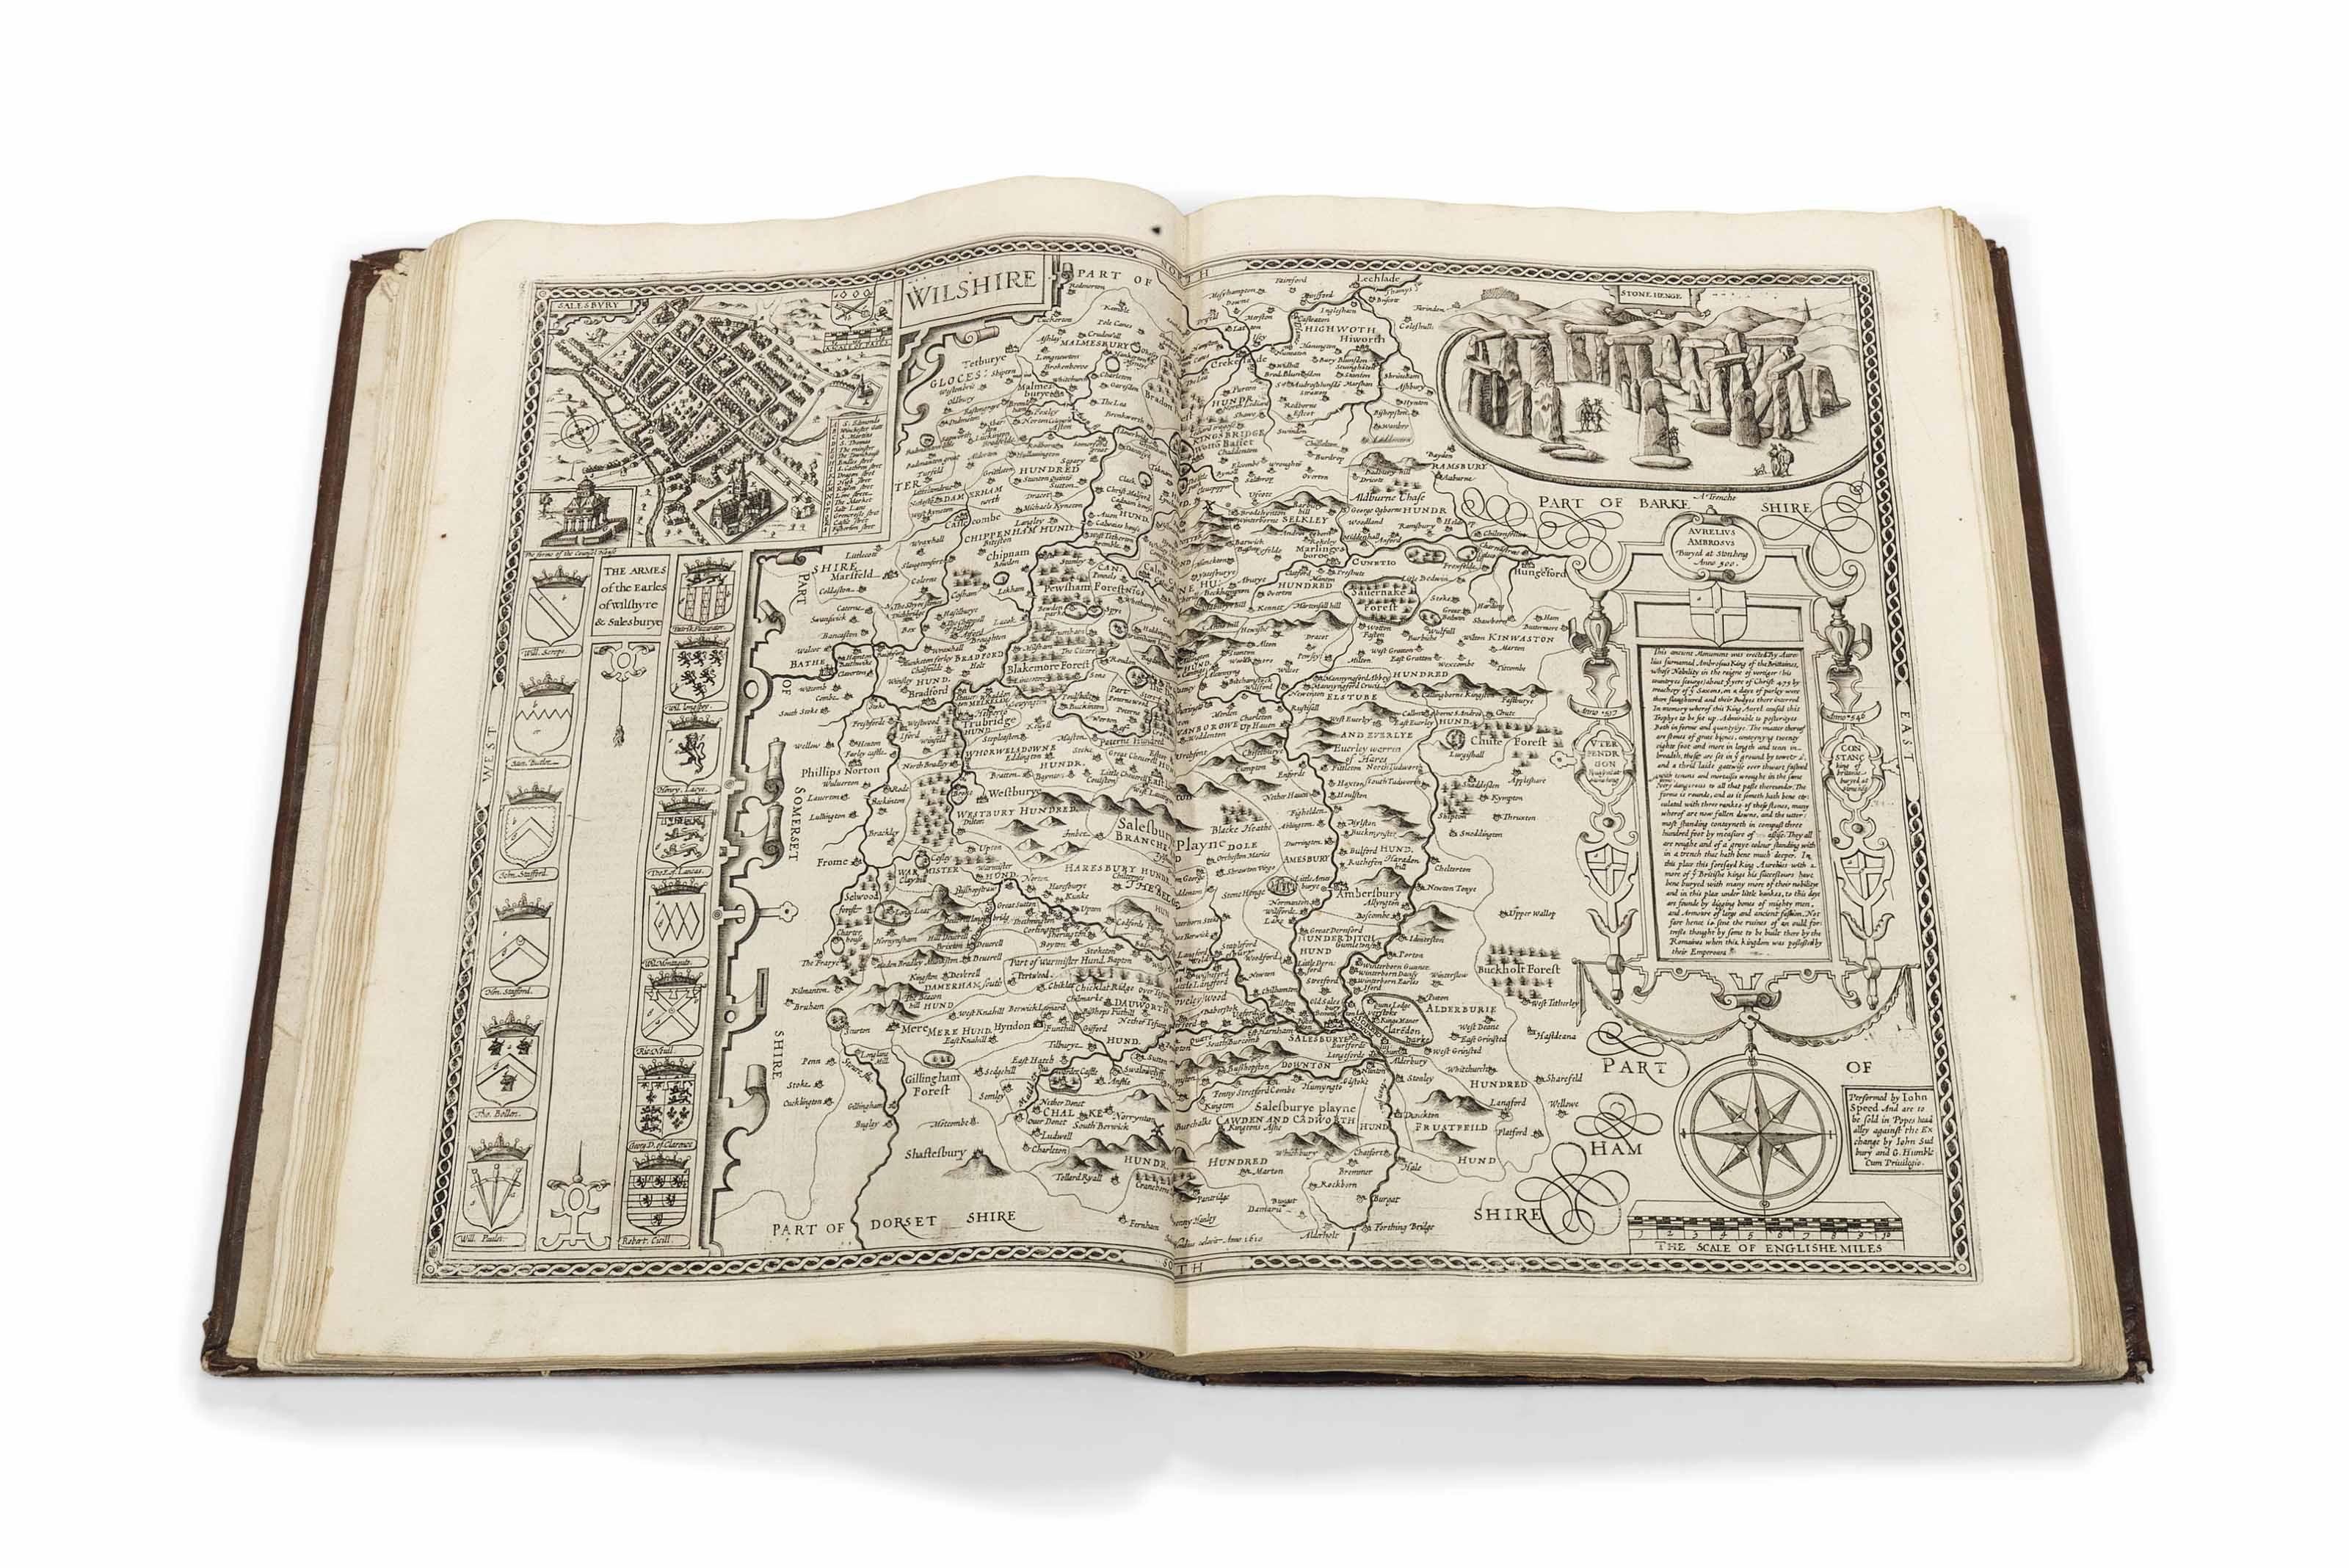 SPEED, John (1552-1629). The T